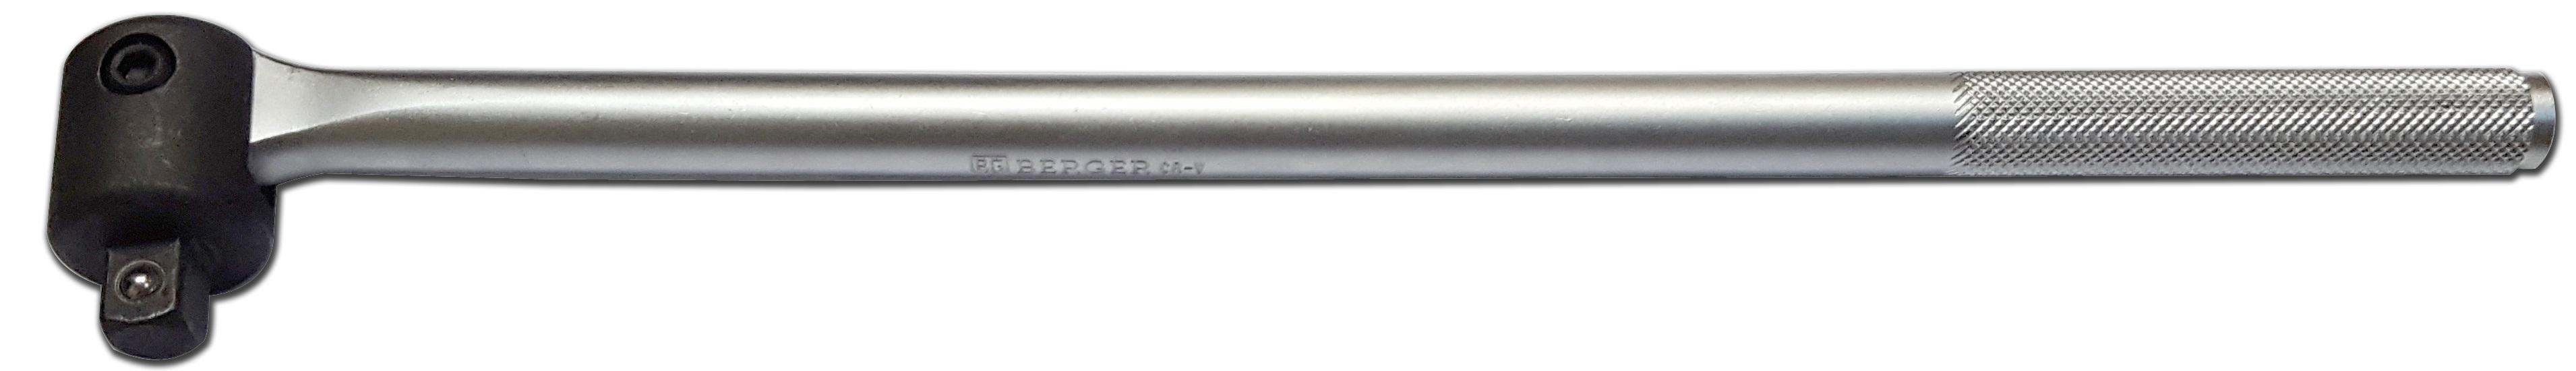 Вороток Berger Bg2284 подвесной светильник odeon 2284 yami 2284 3